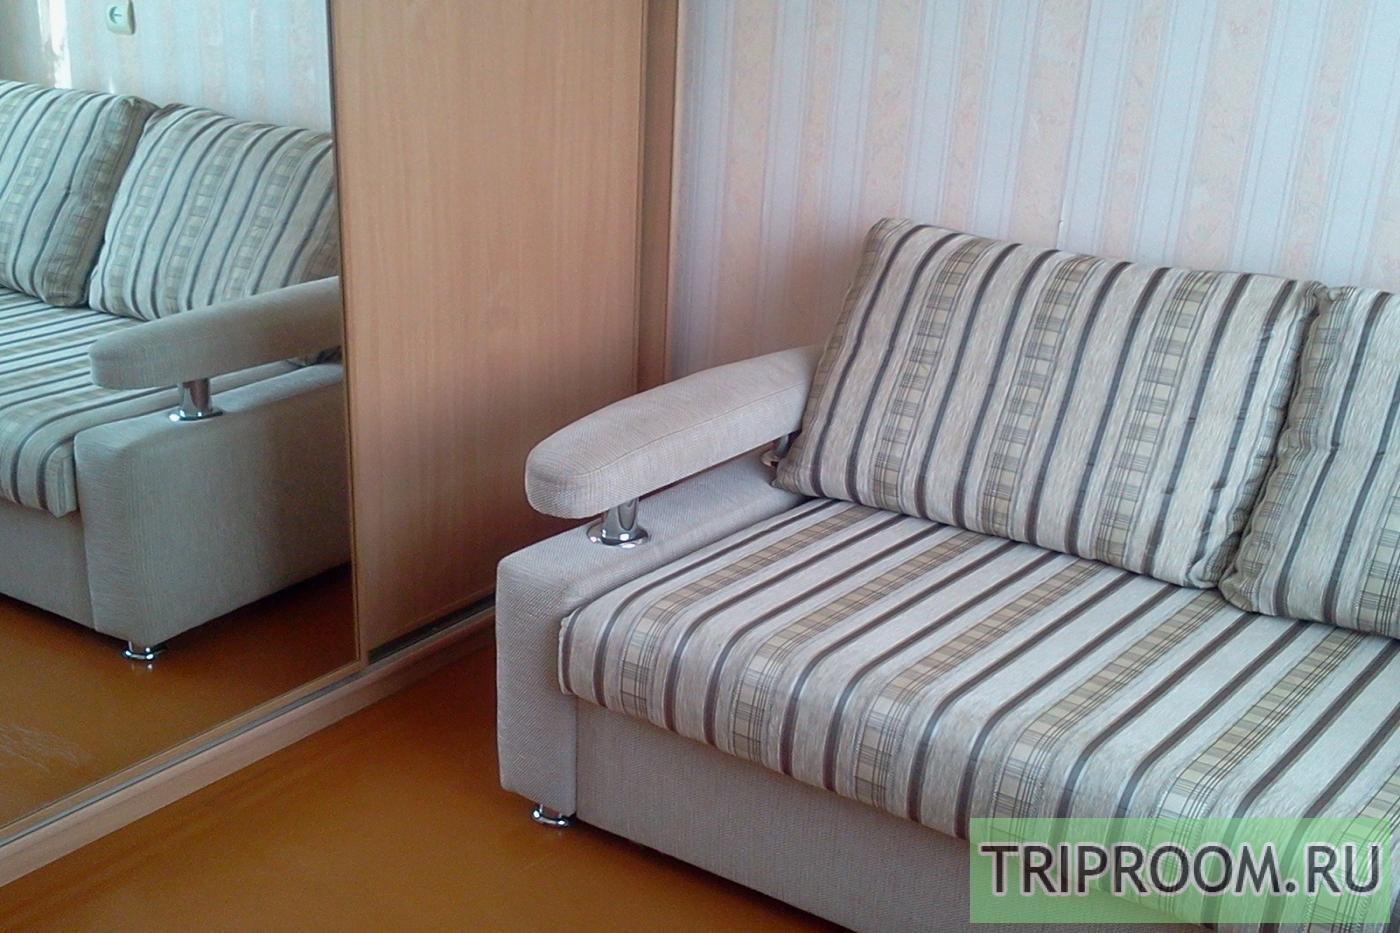 2-комнатная квартира посуточно (вариант № 27908), ул. Советская улица, фото № 6